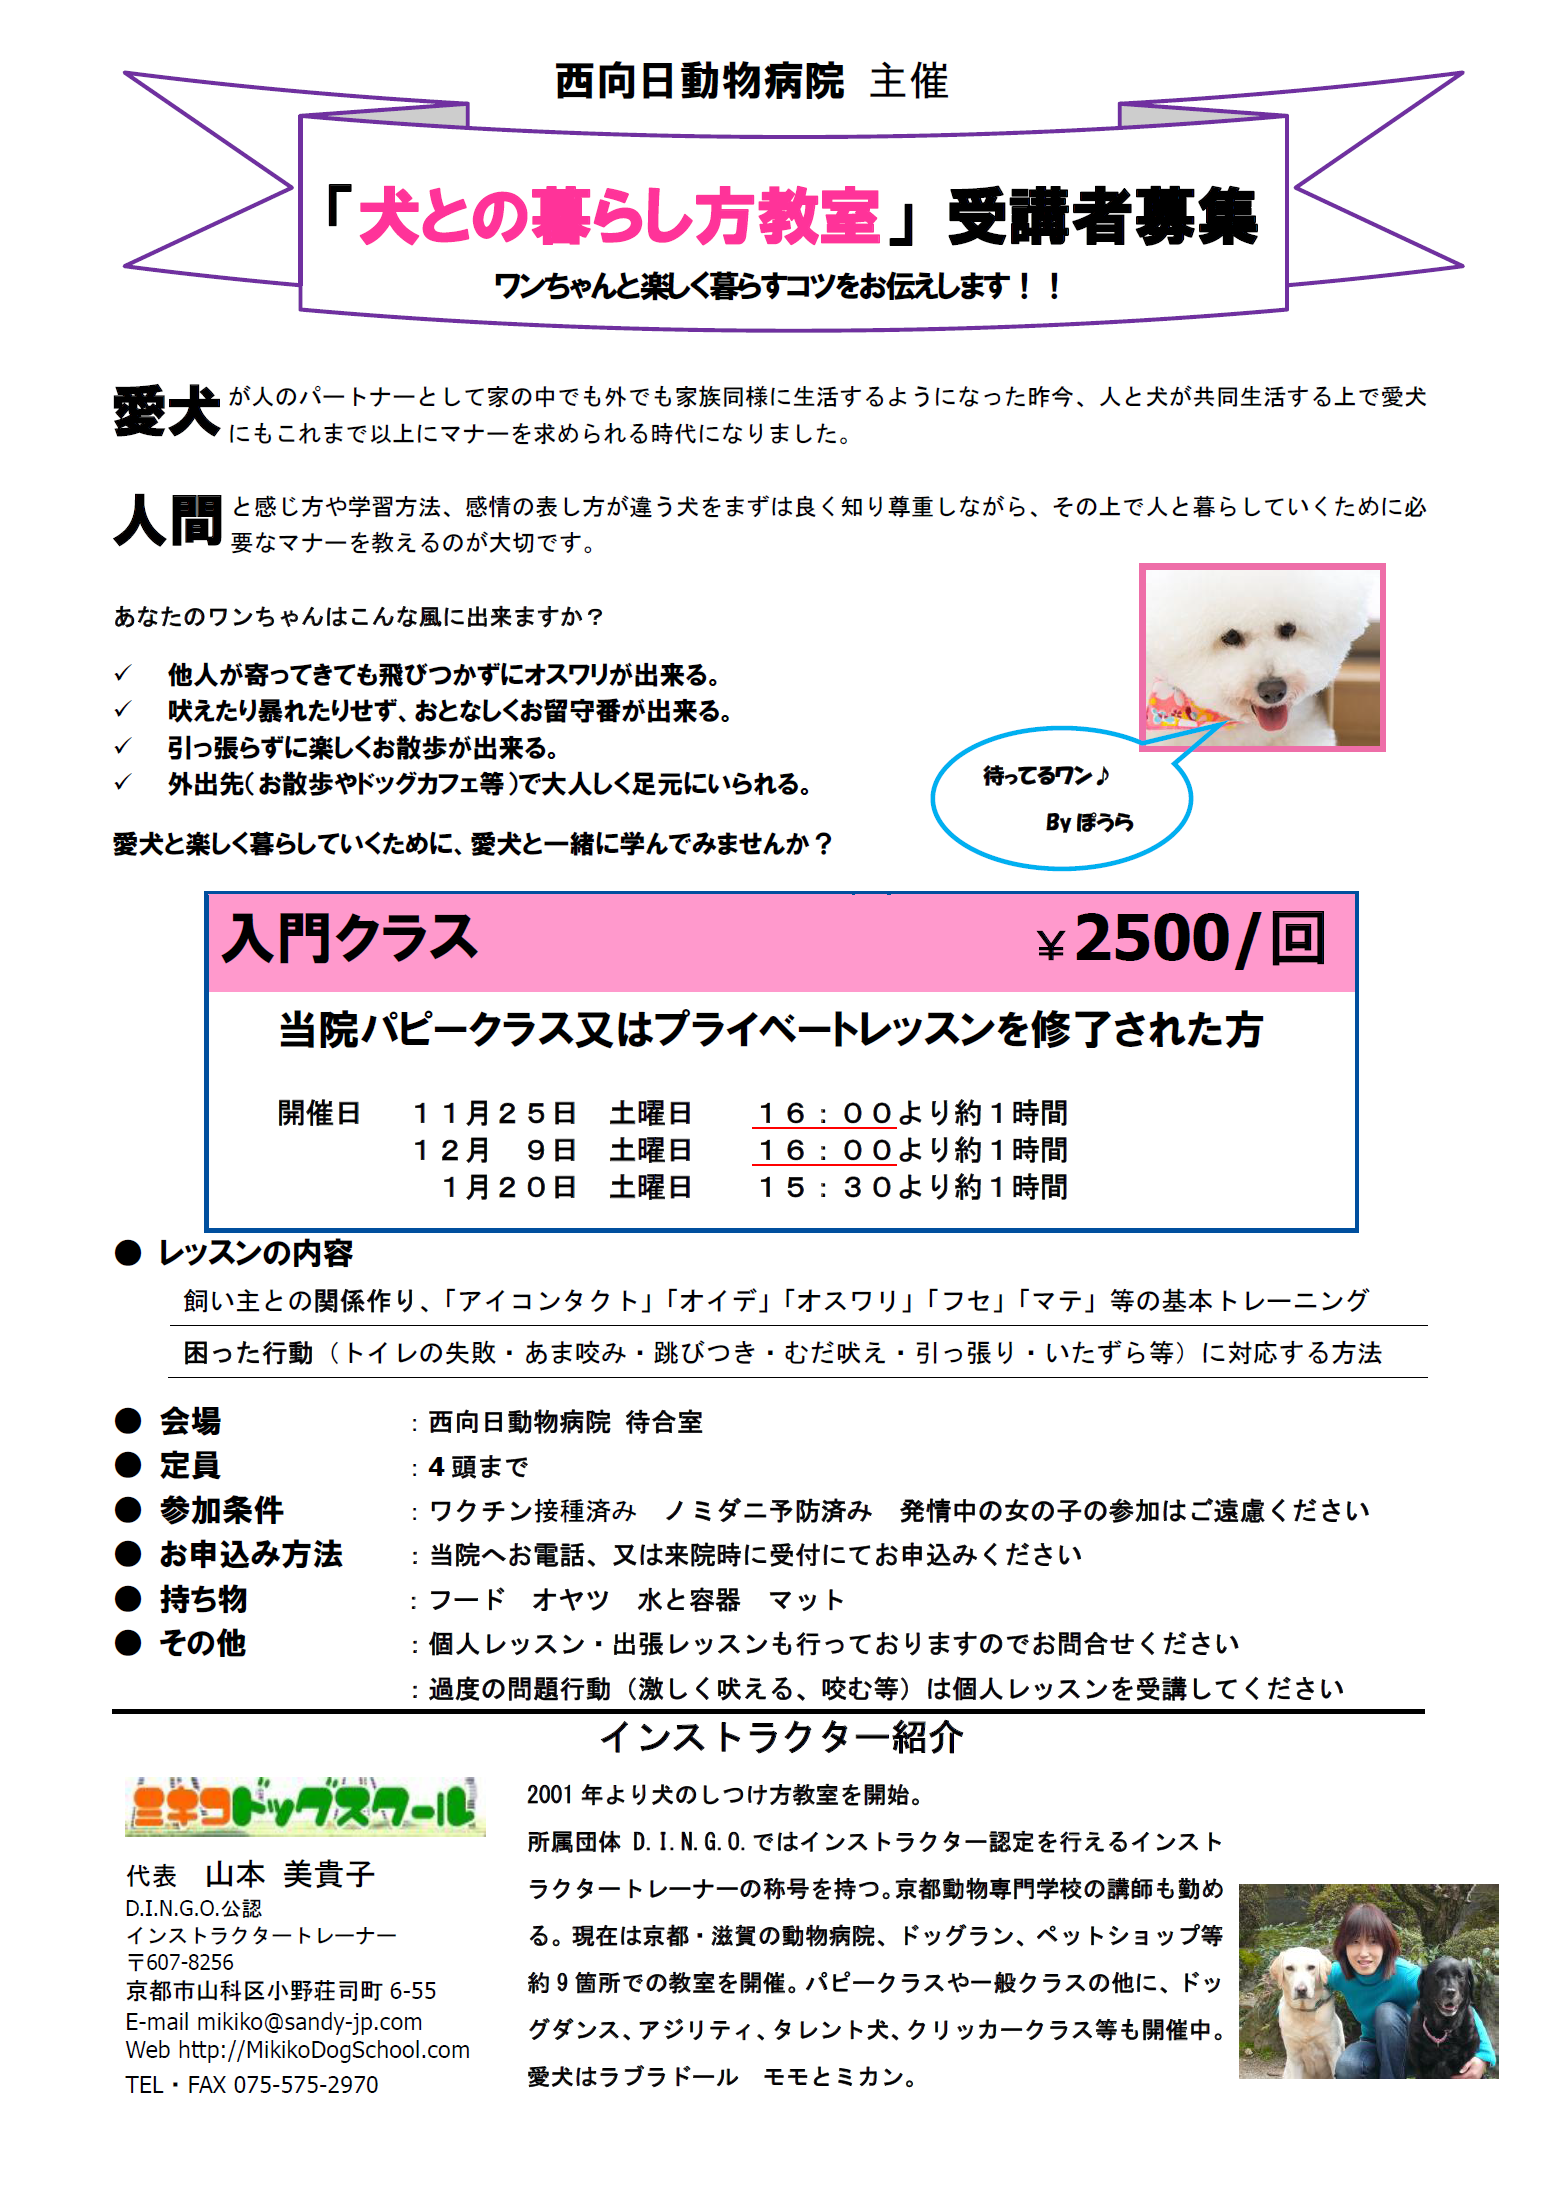 inutonokurashi1711.12.1